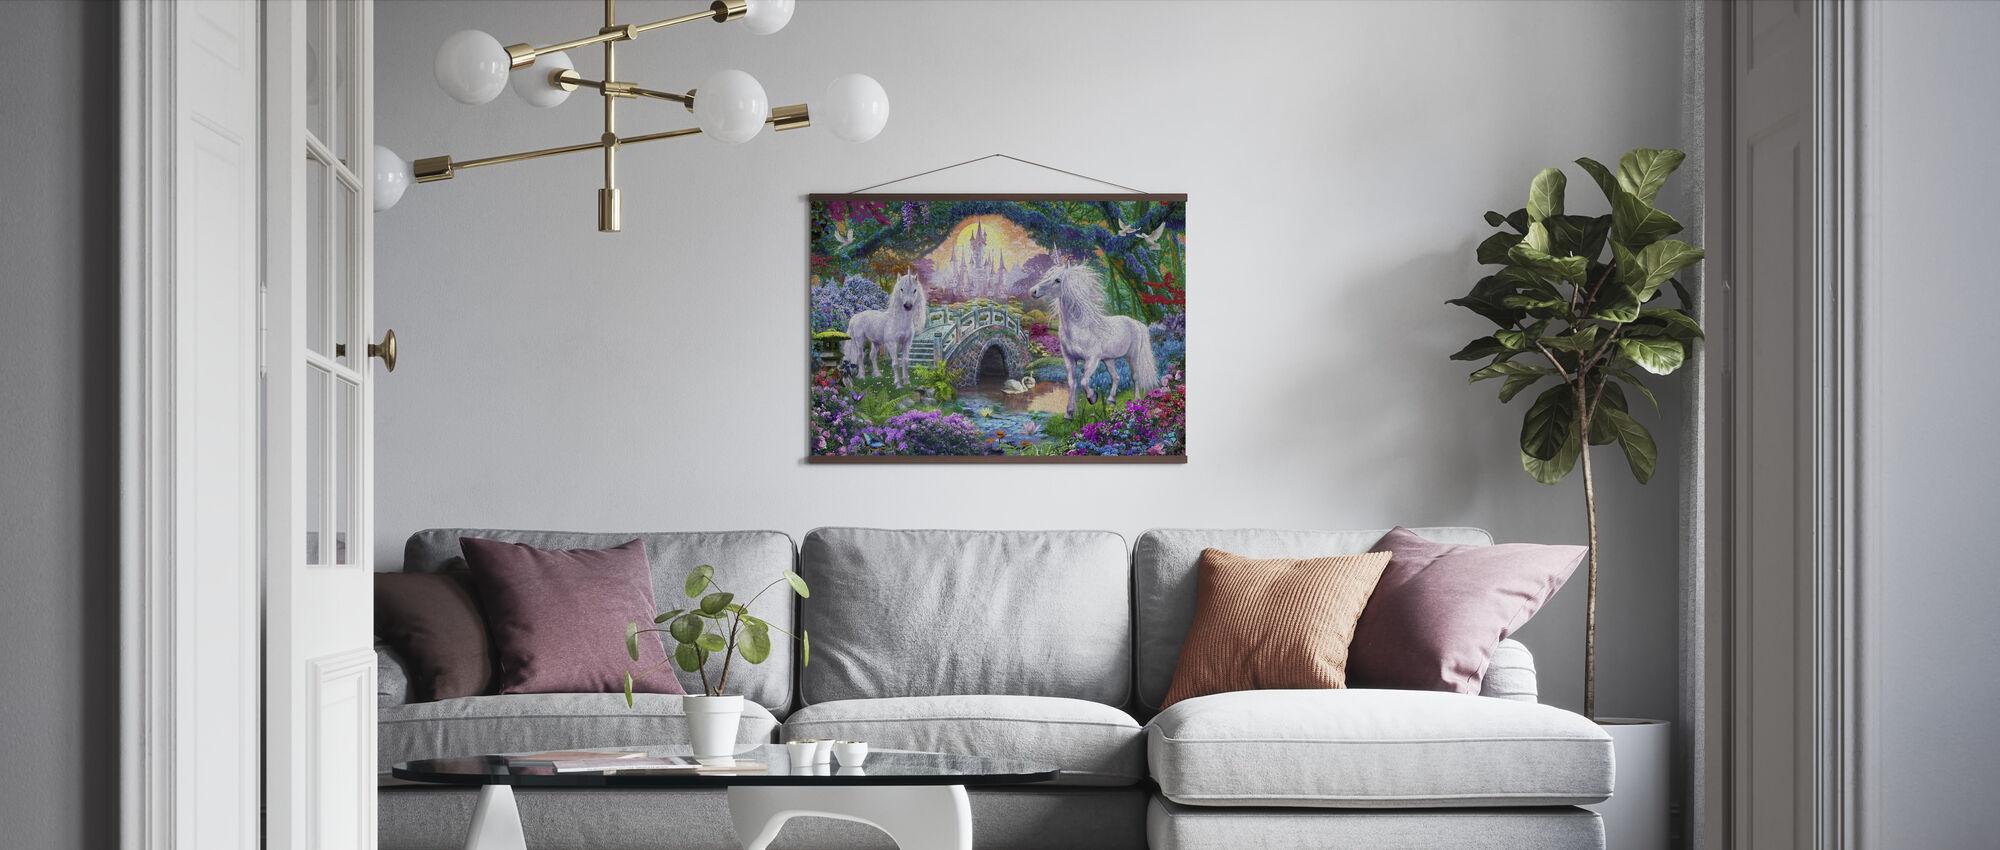 Magiska Unicorn Kingdom - Poster - Vardagsrum